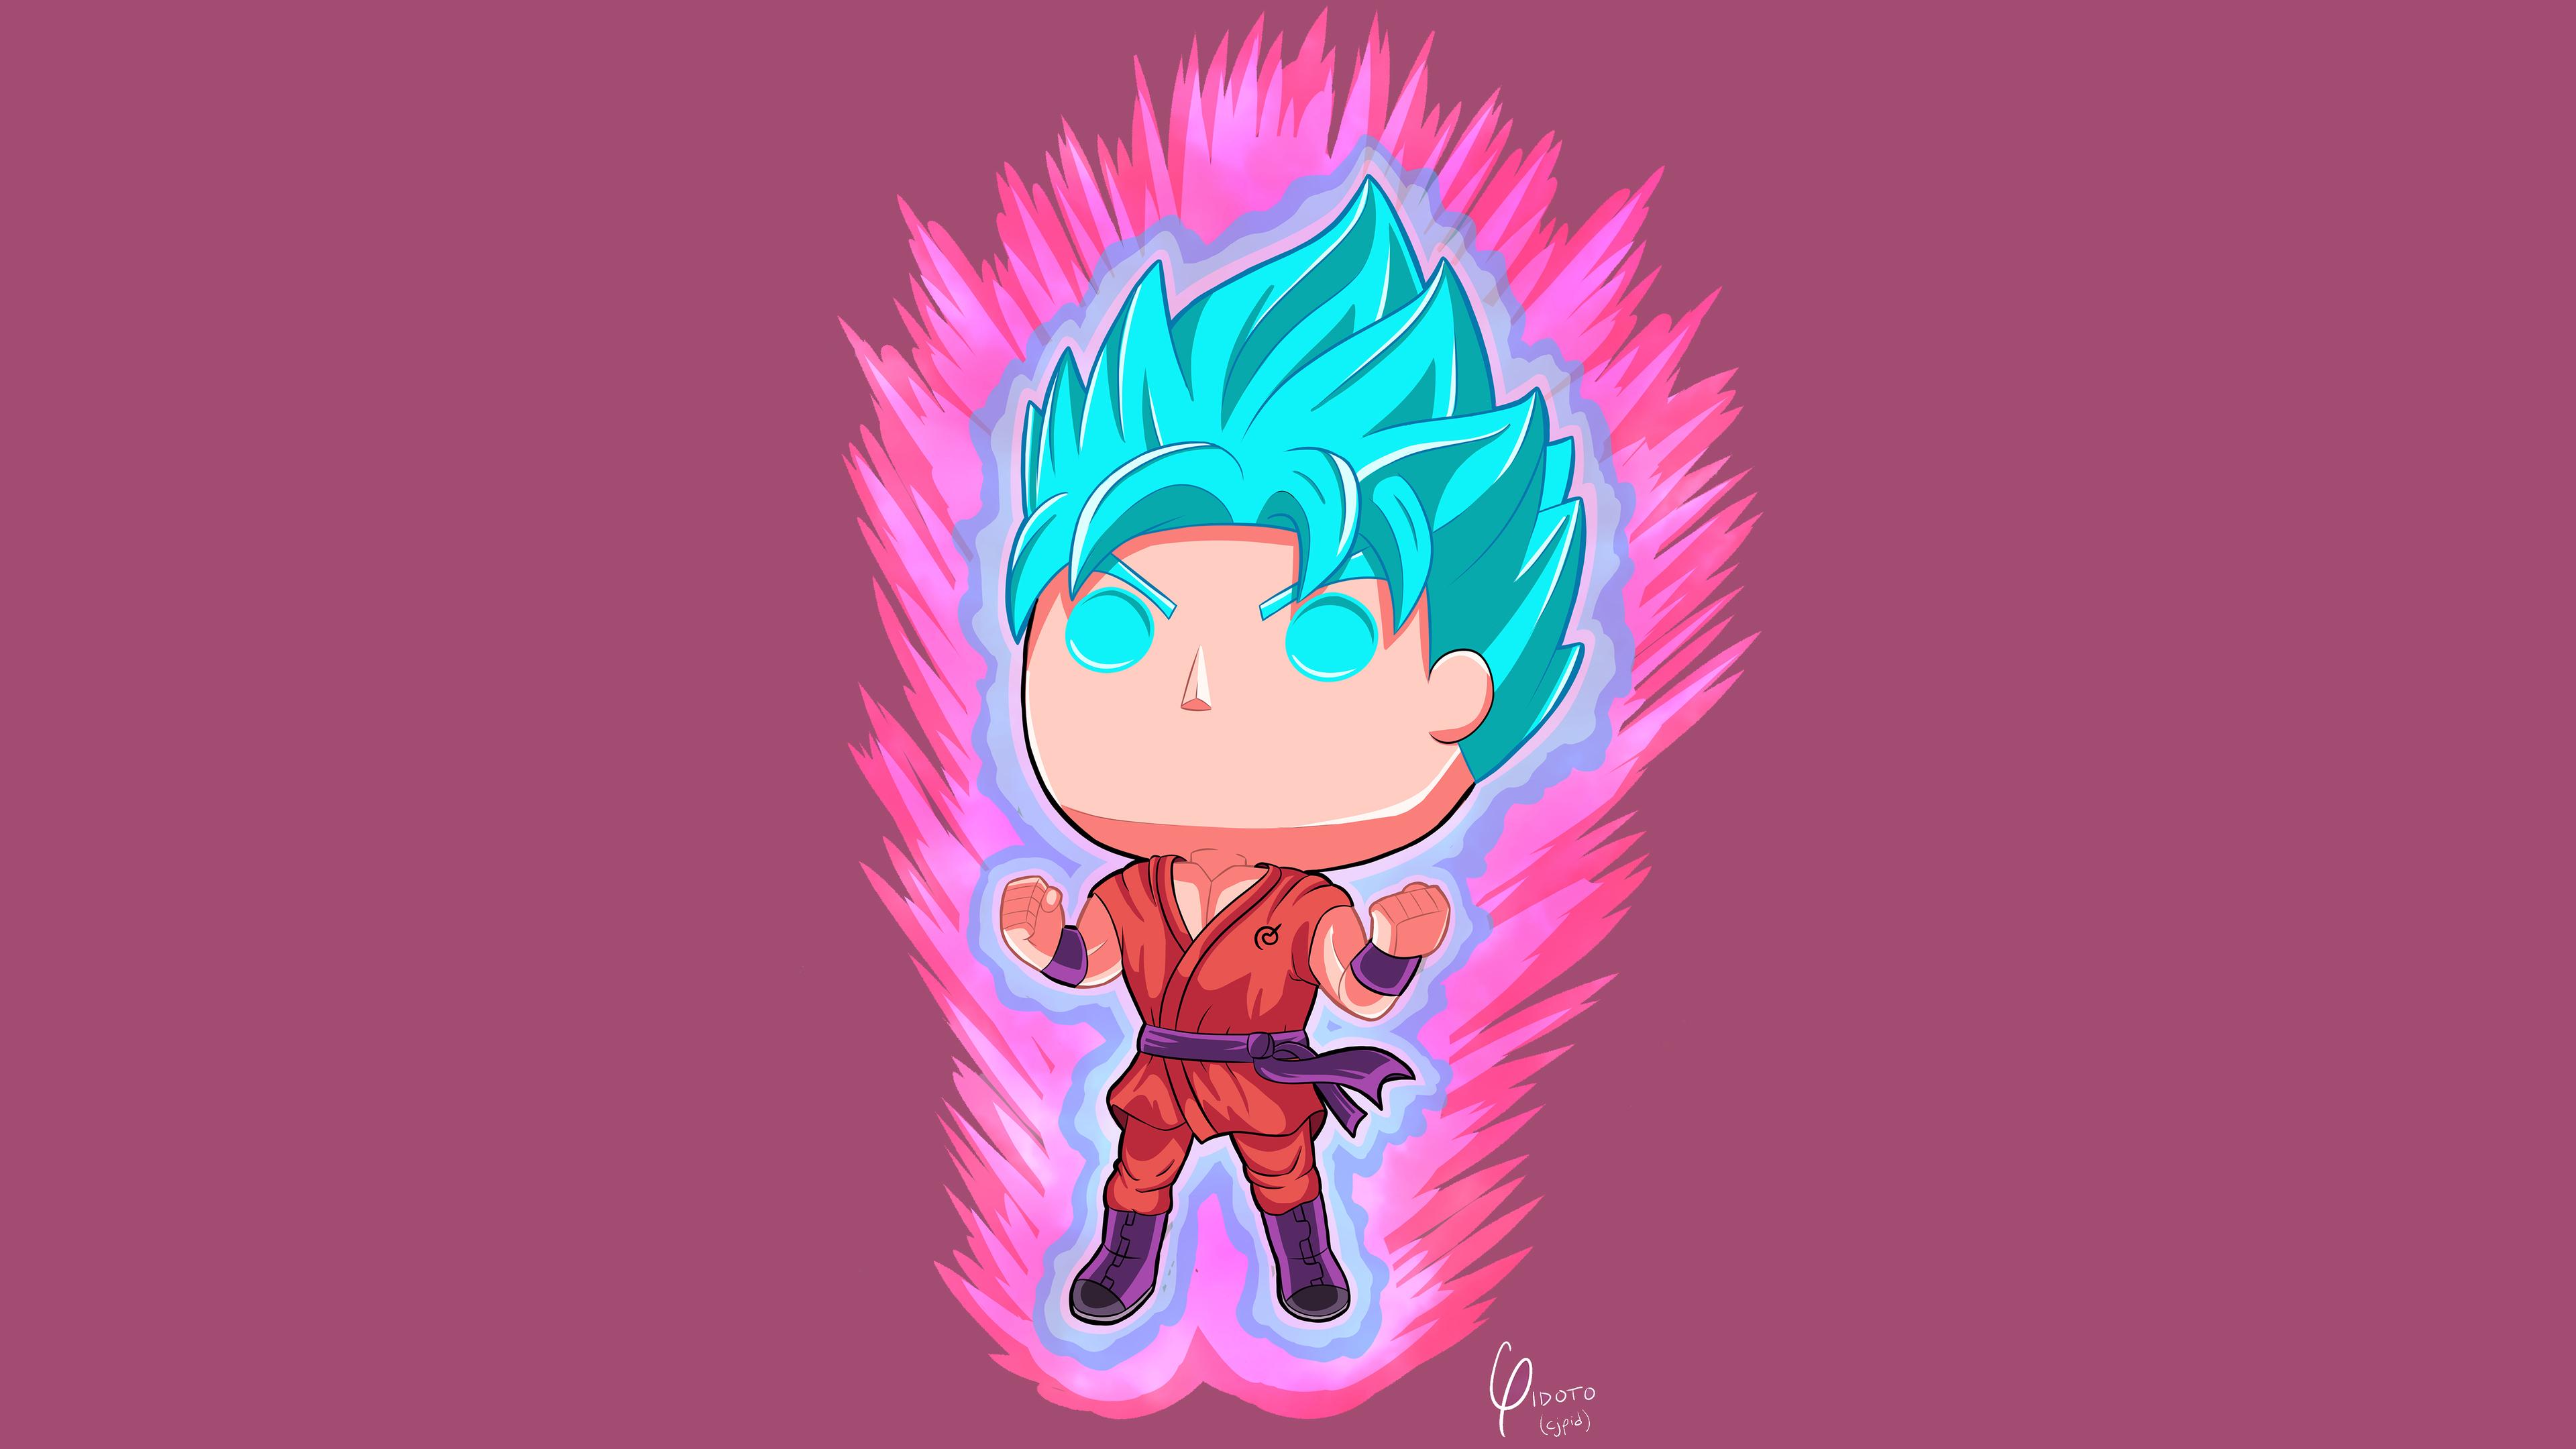 goku dragon ball super anime 4k artwork 1541974223 - Goku Dragon Ball Super Anime 4k Artwork - hd-wallpapers, goku wallpapers, dragon ball wallpapers, dragon ball super wallpapers, artist wallpapers, anime wallpapers, 4k-wallpapers